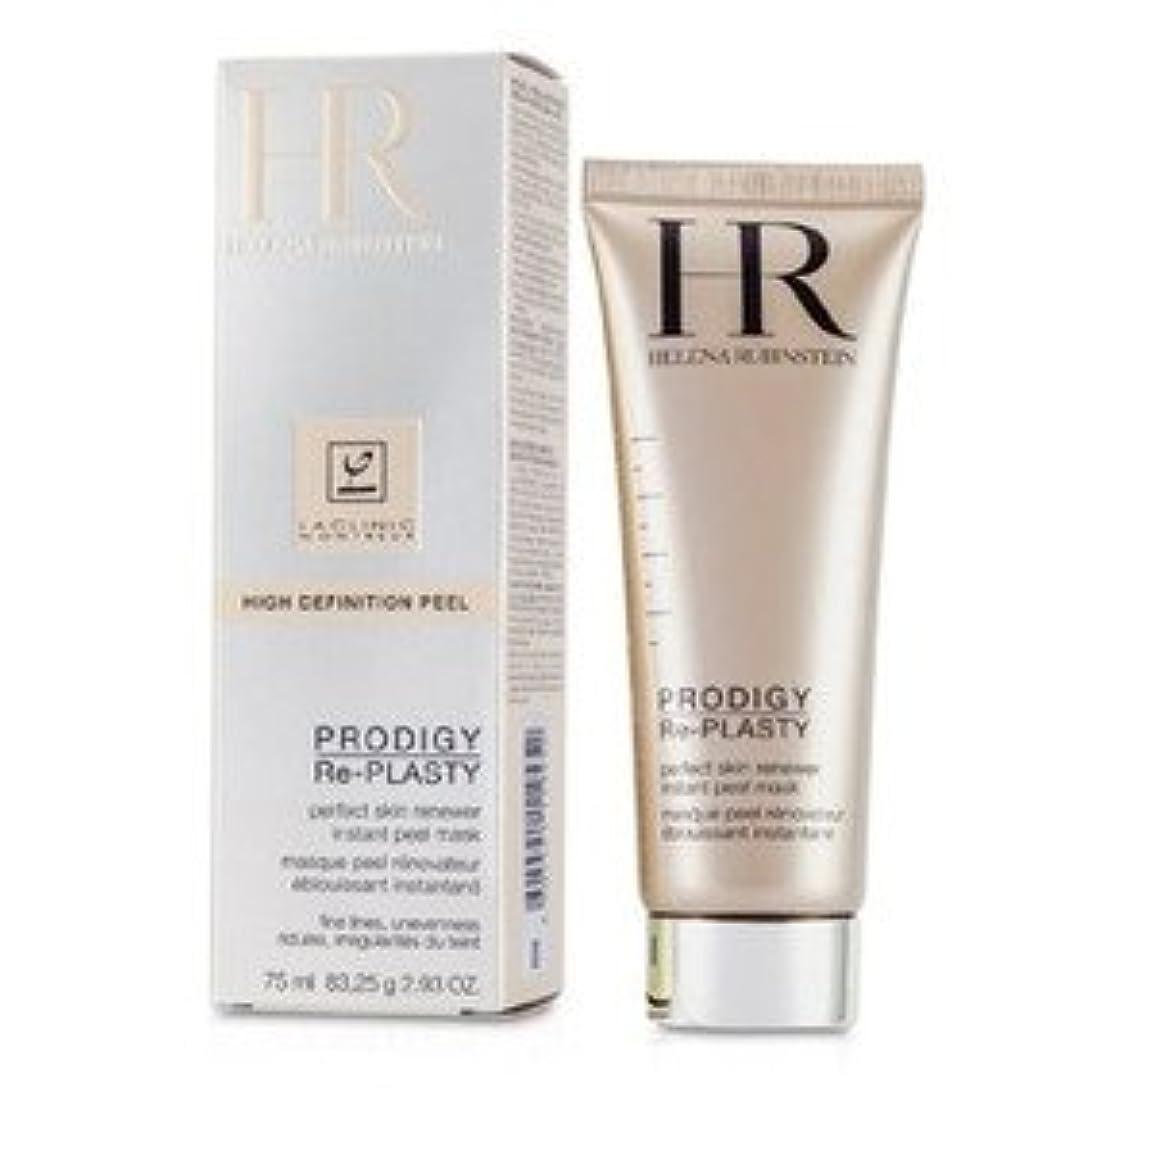 加速するマーガレットミッチェル白雪姫Helena Rubinstein(ヘレナ?ルビンスタイン) Prodigy Re-Plasty High Definition Peel Perfect Skin Renewer Instant Peel Mask 75ml...